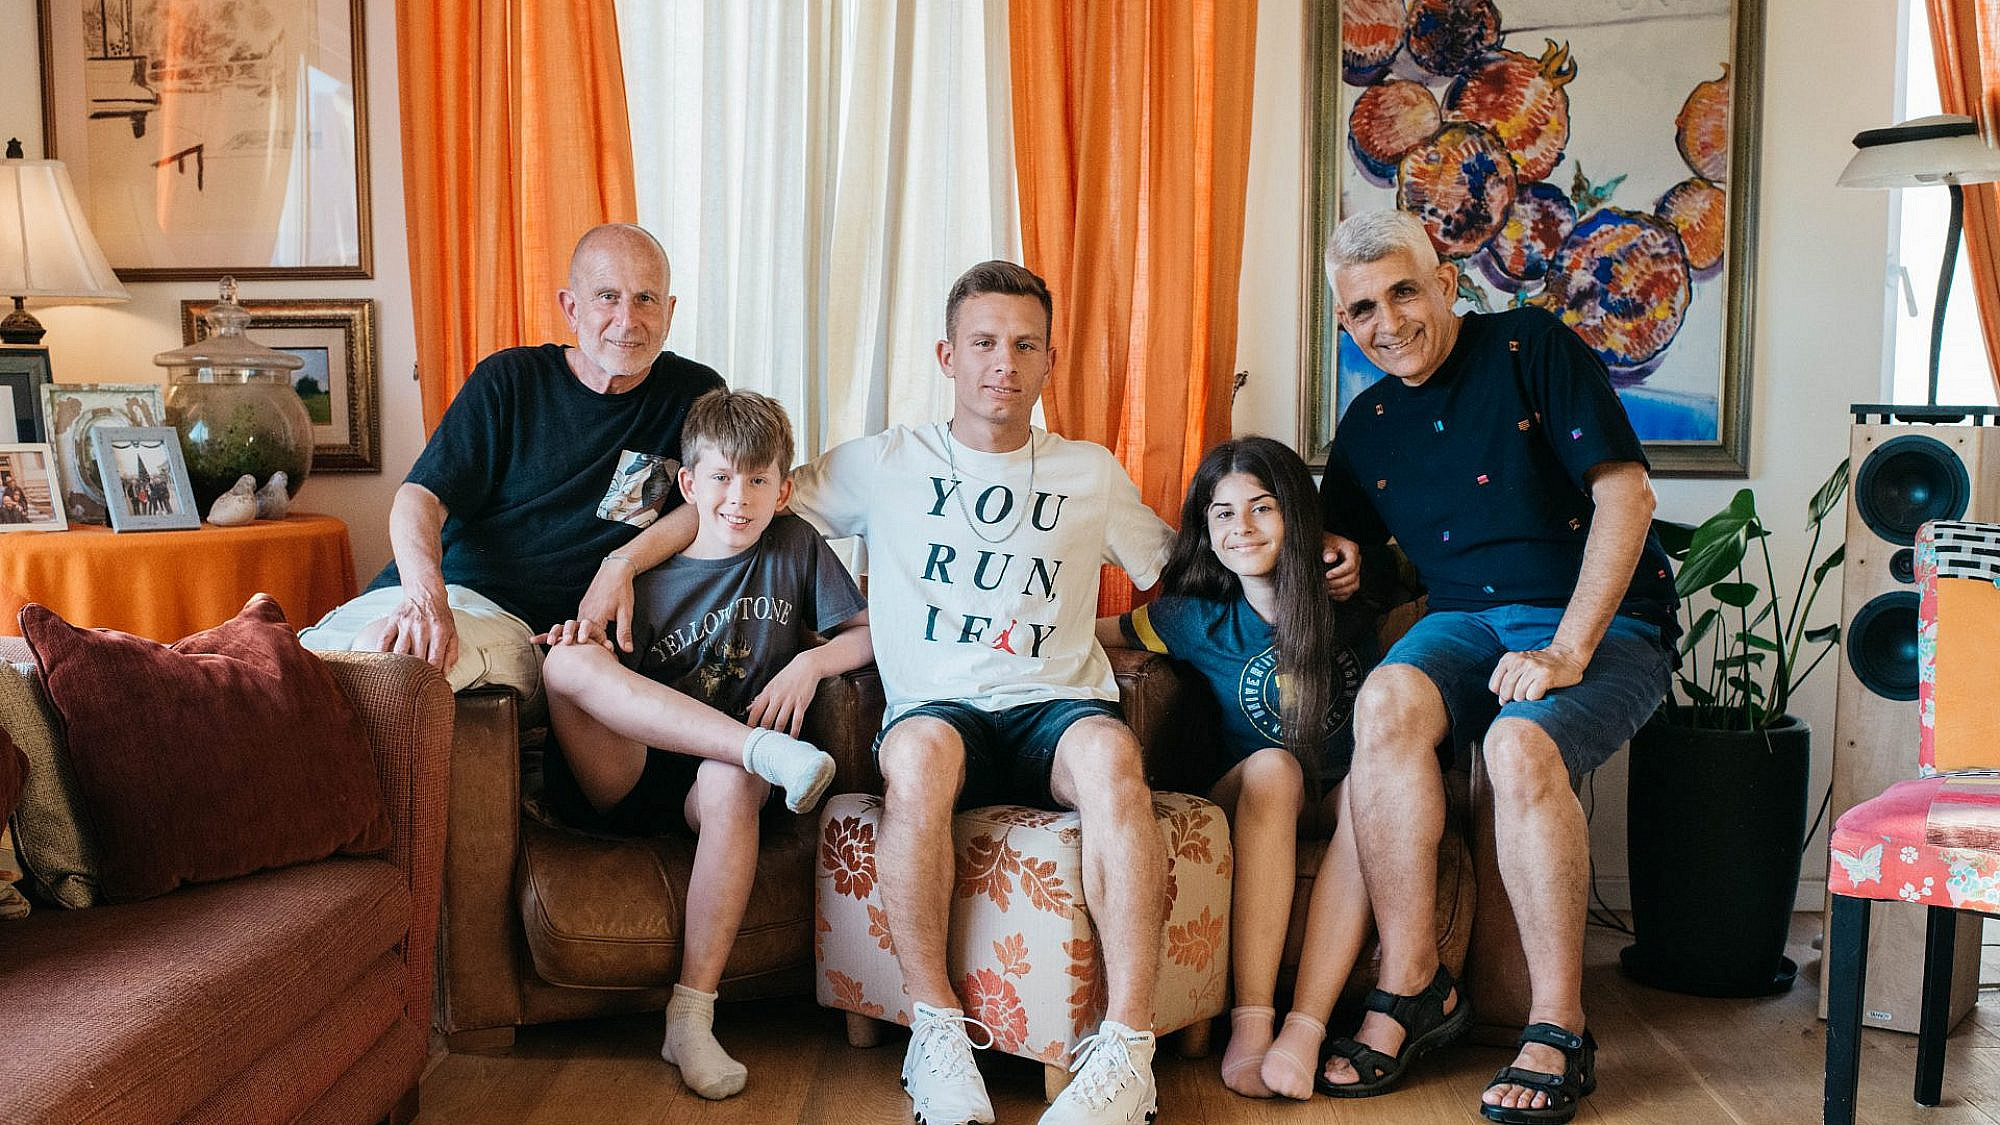 משפחת גרינפילד-כספי בסלון ביתה ברוטשילד (צילום: אור עדני)